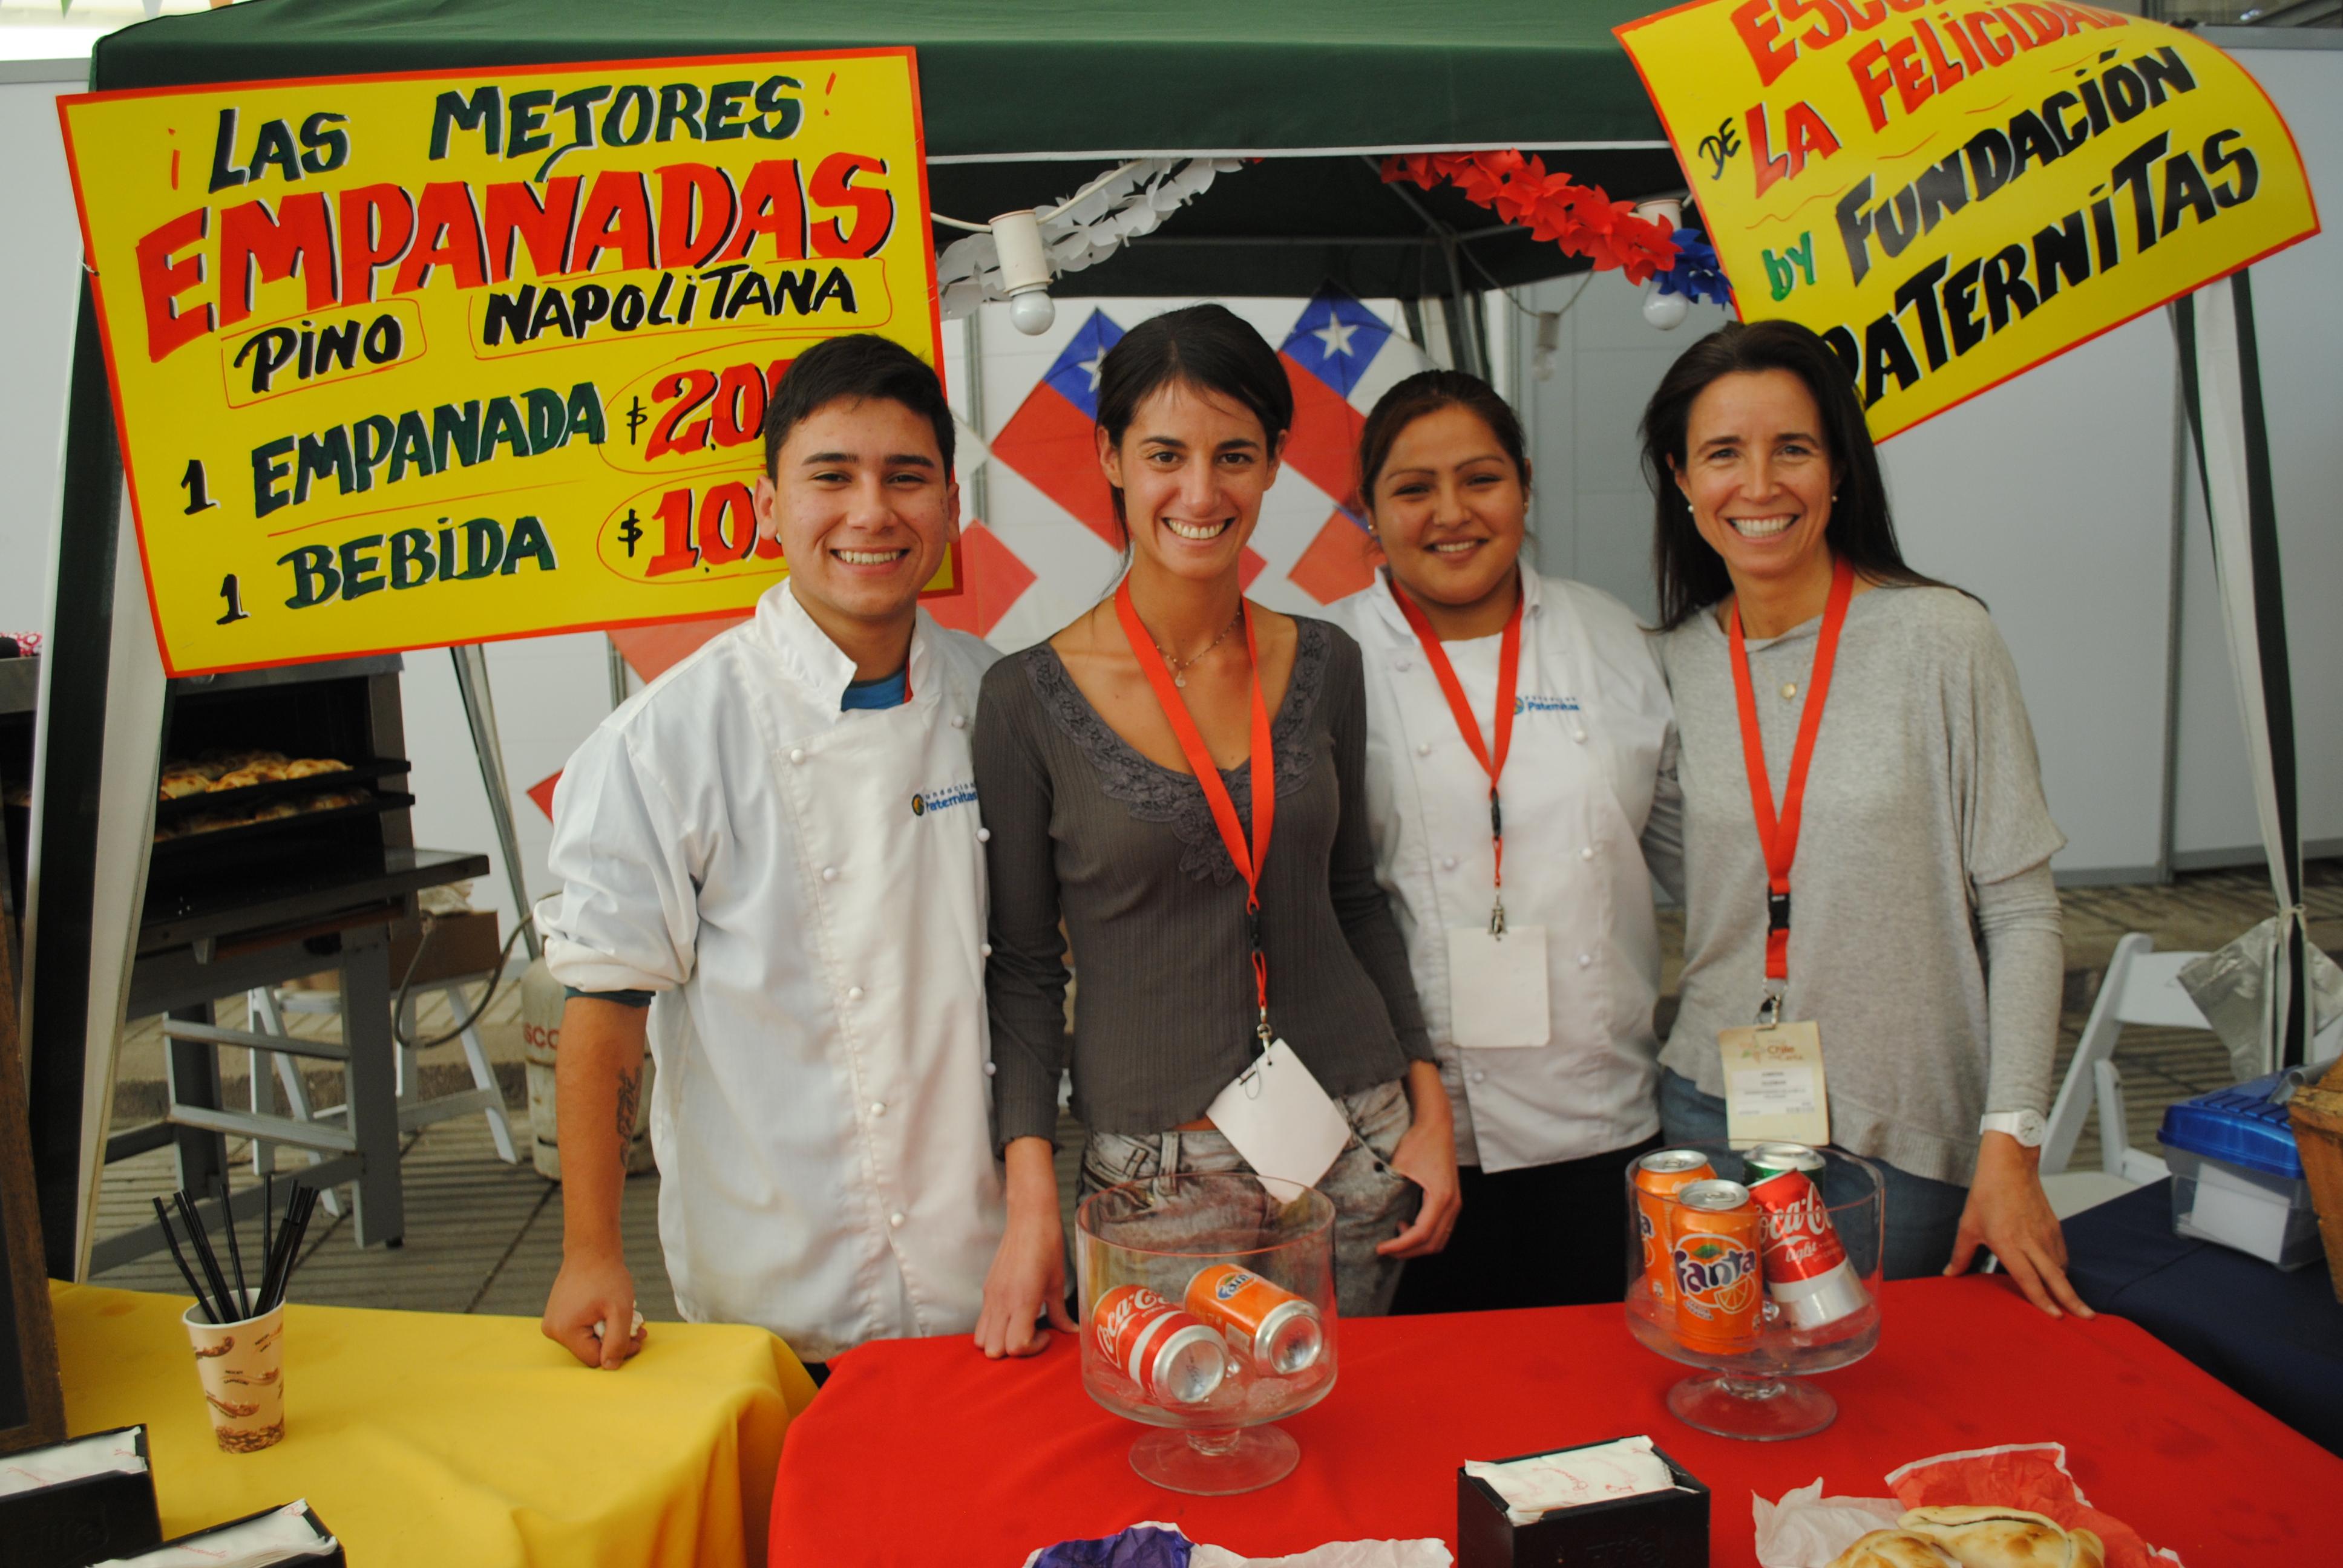 Paternitas en Feria Chile a la Carta. Foto: biobiochile.cl